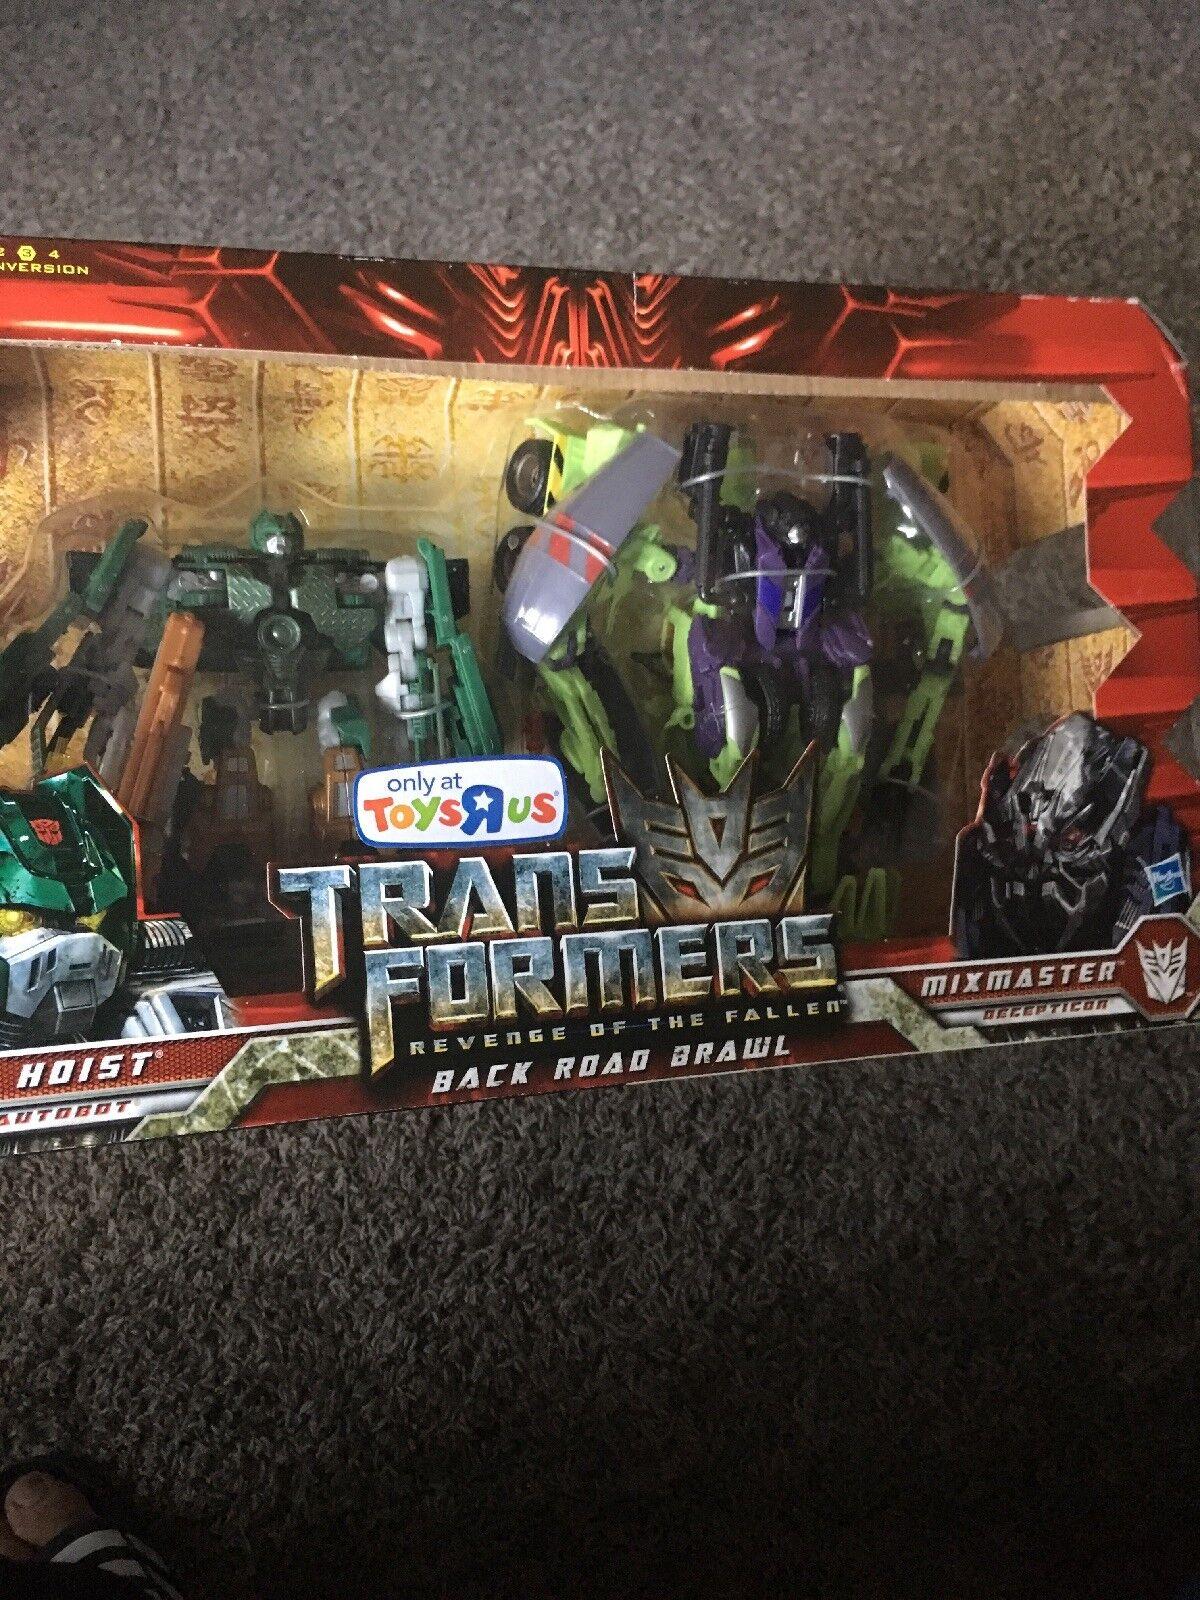 Transformers rojof  atrás Road Brawl Juguetesrus exclusivo Set  set sin usar y en caja sellada Hasbro 2009